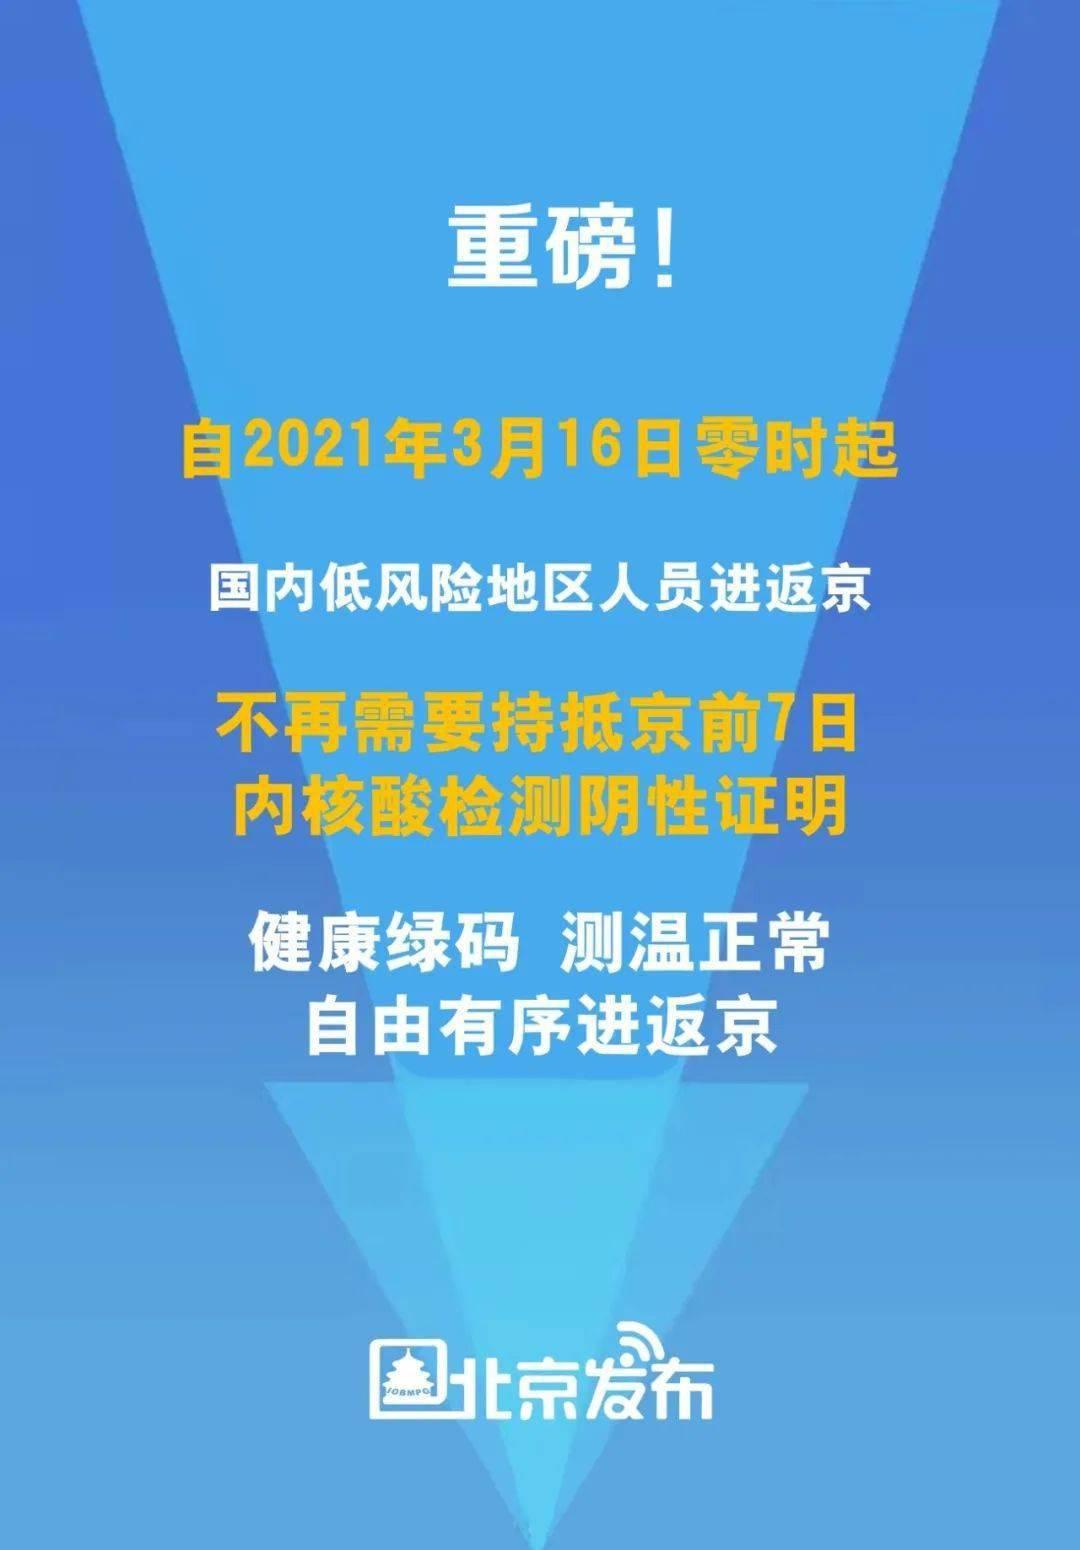 3月日起,進京政策有變